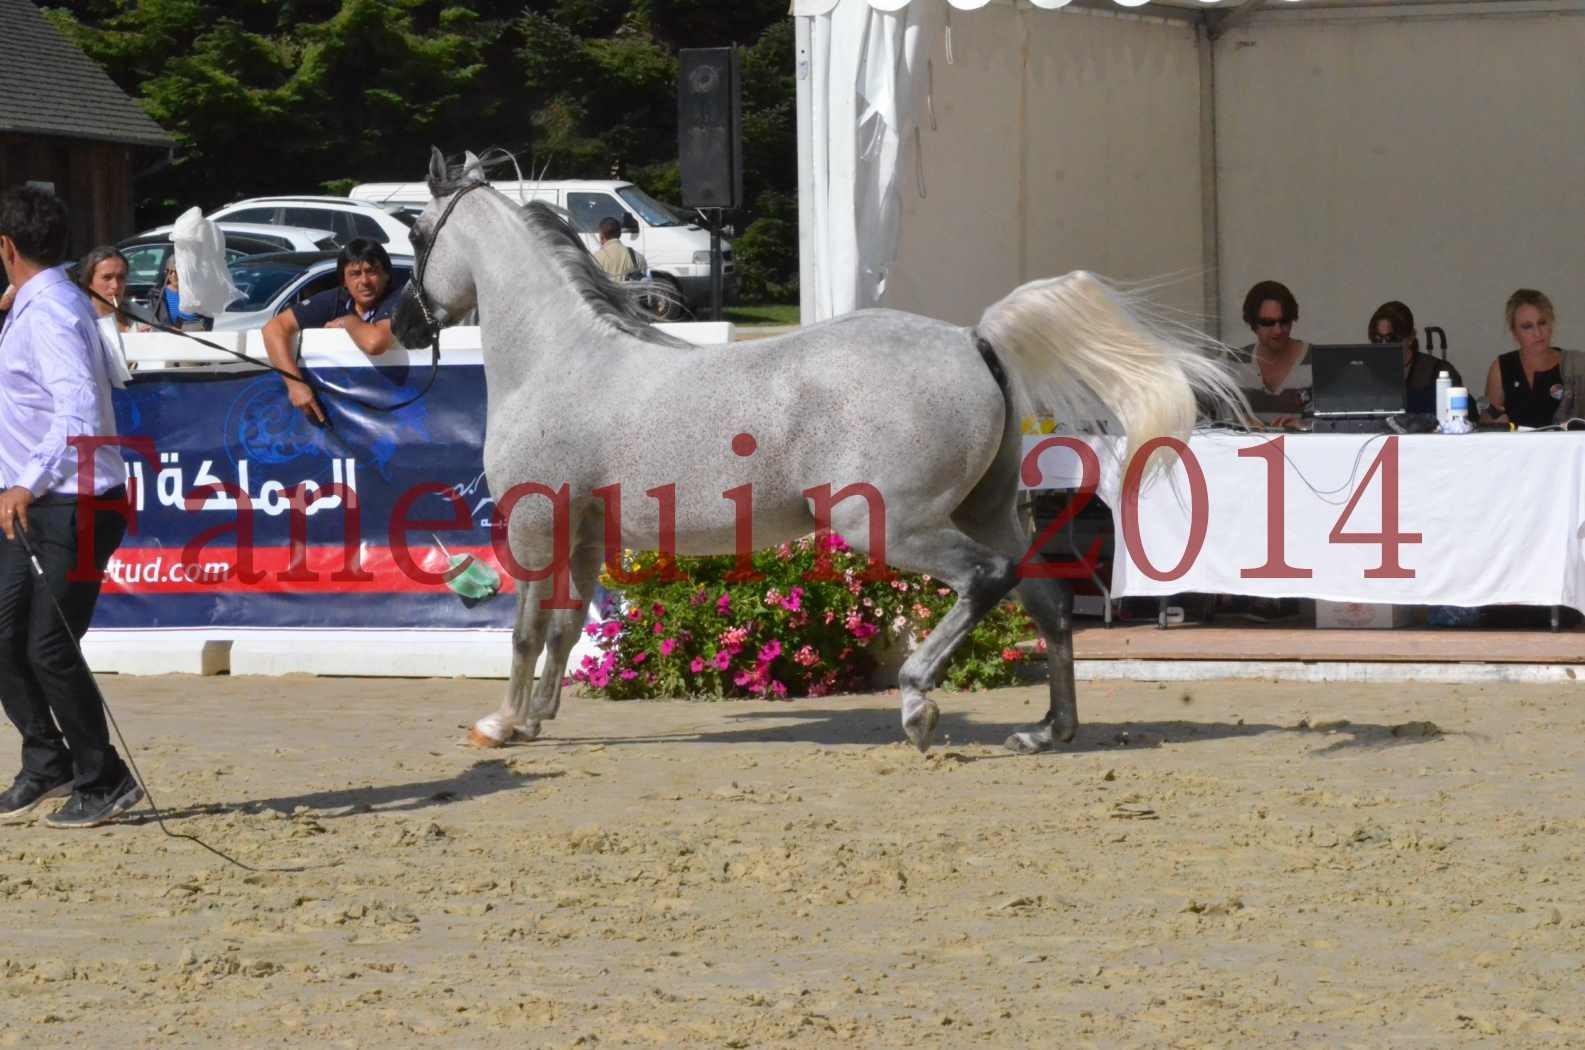 CHAMPIONNAT DE FRANCE  2014 A POMPADOUR - Sélection - SHEYK DE GARGASSAN - 11